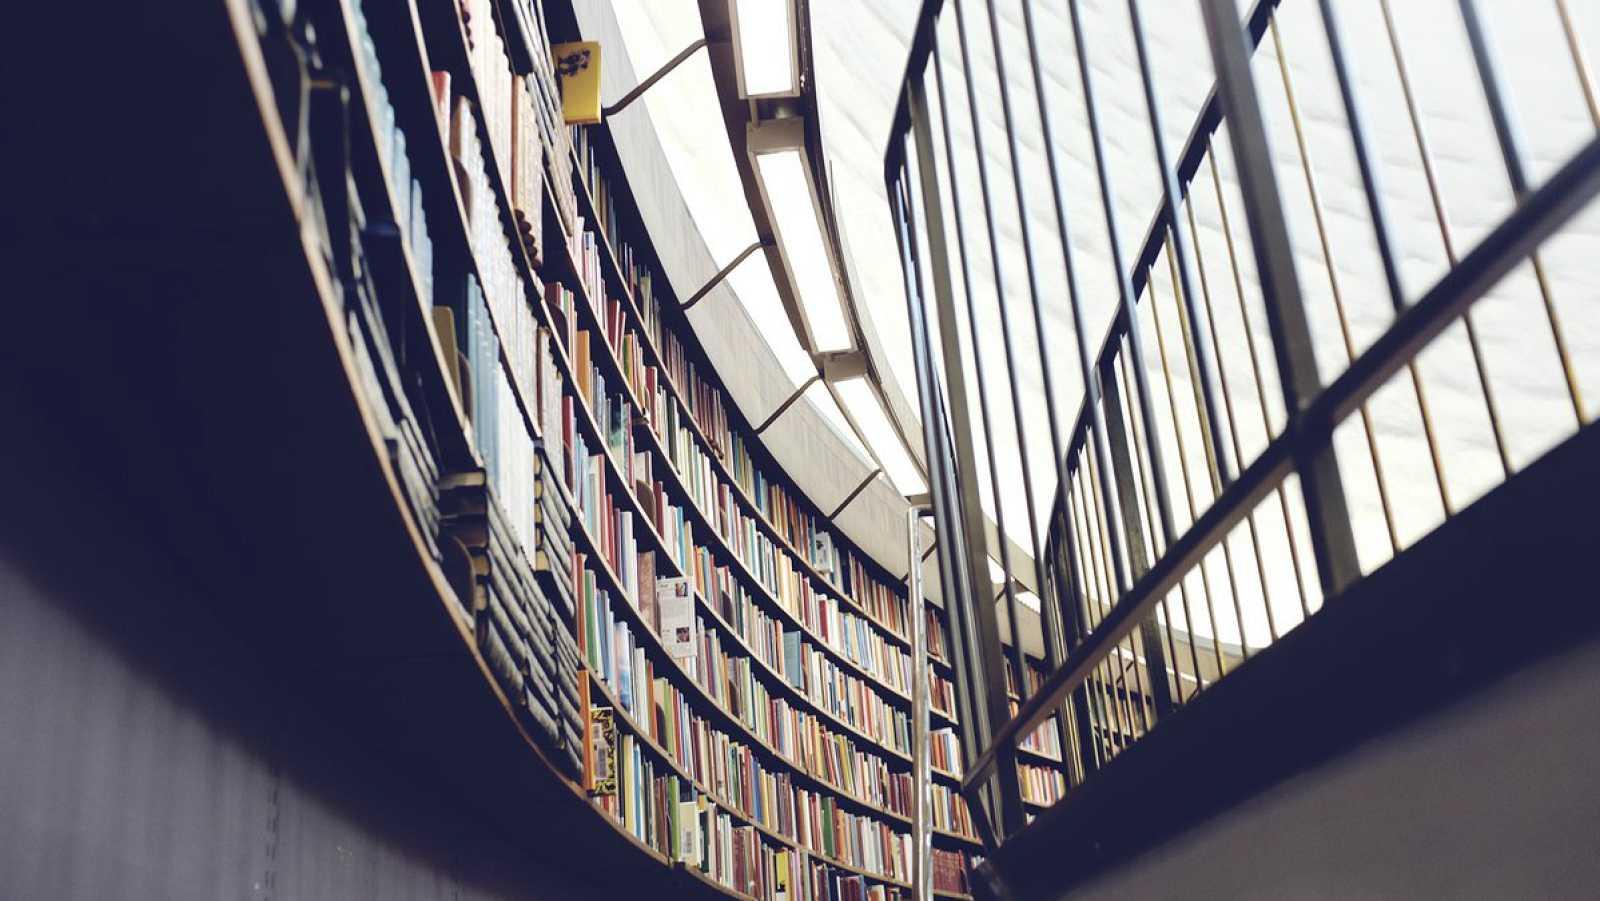 Temas de música - Música medieval en las bibliotecas de hoy: Biblioteca Nacional de España - 20/05/17 - escuchar ahora